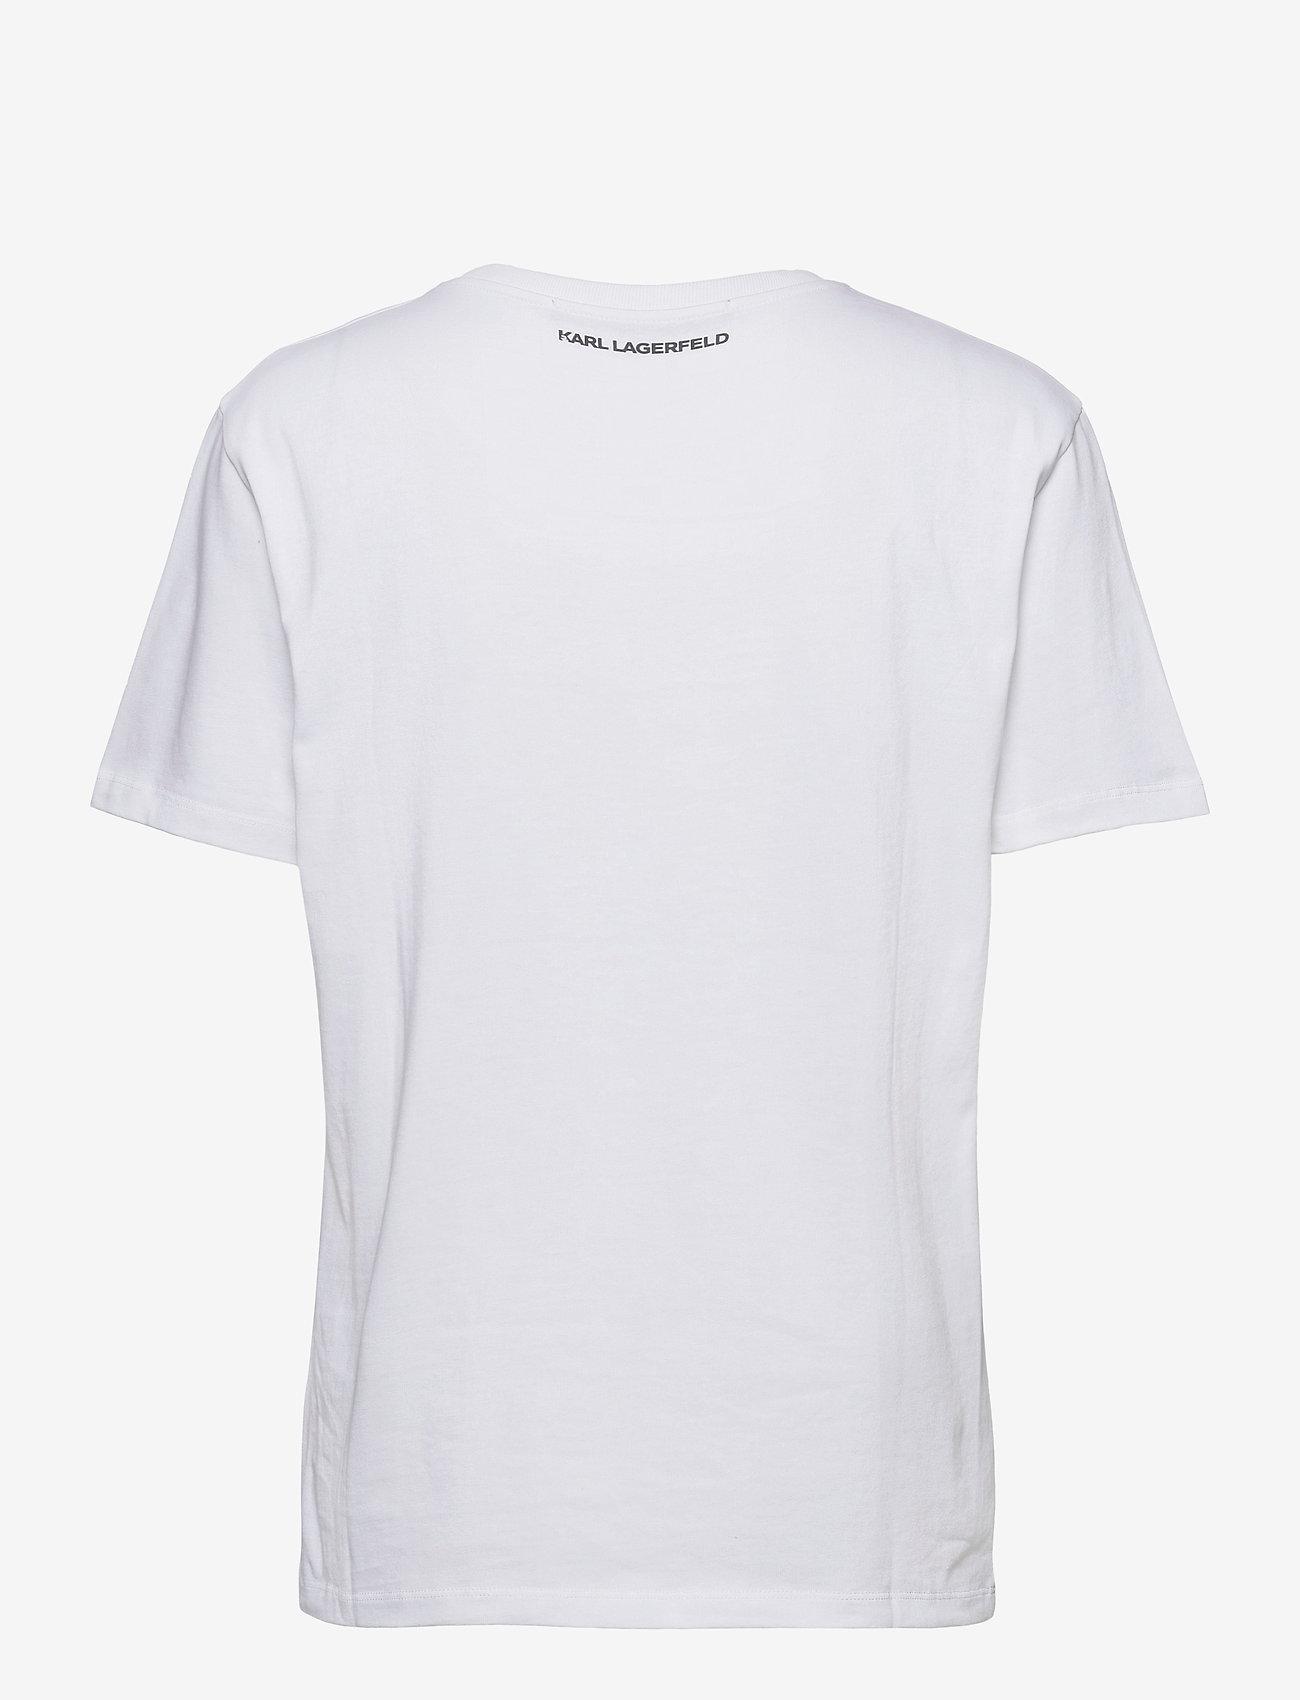 Karl Lagerfeld - karl essential logo t-shirt - t-shirts - white - 1